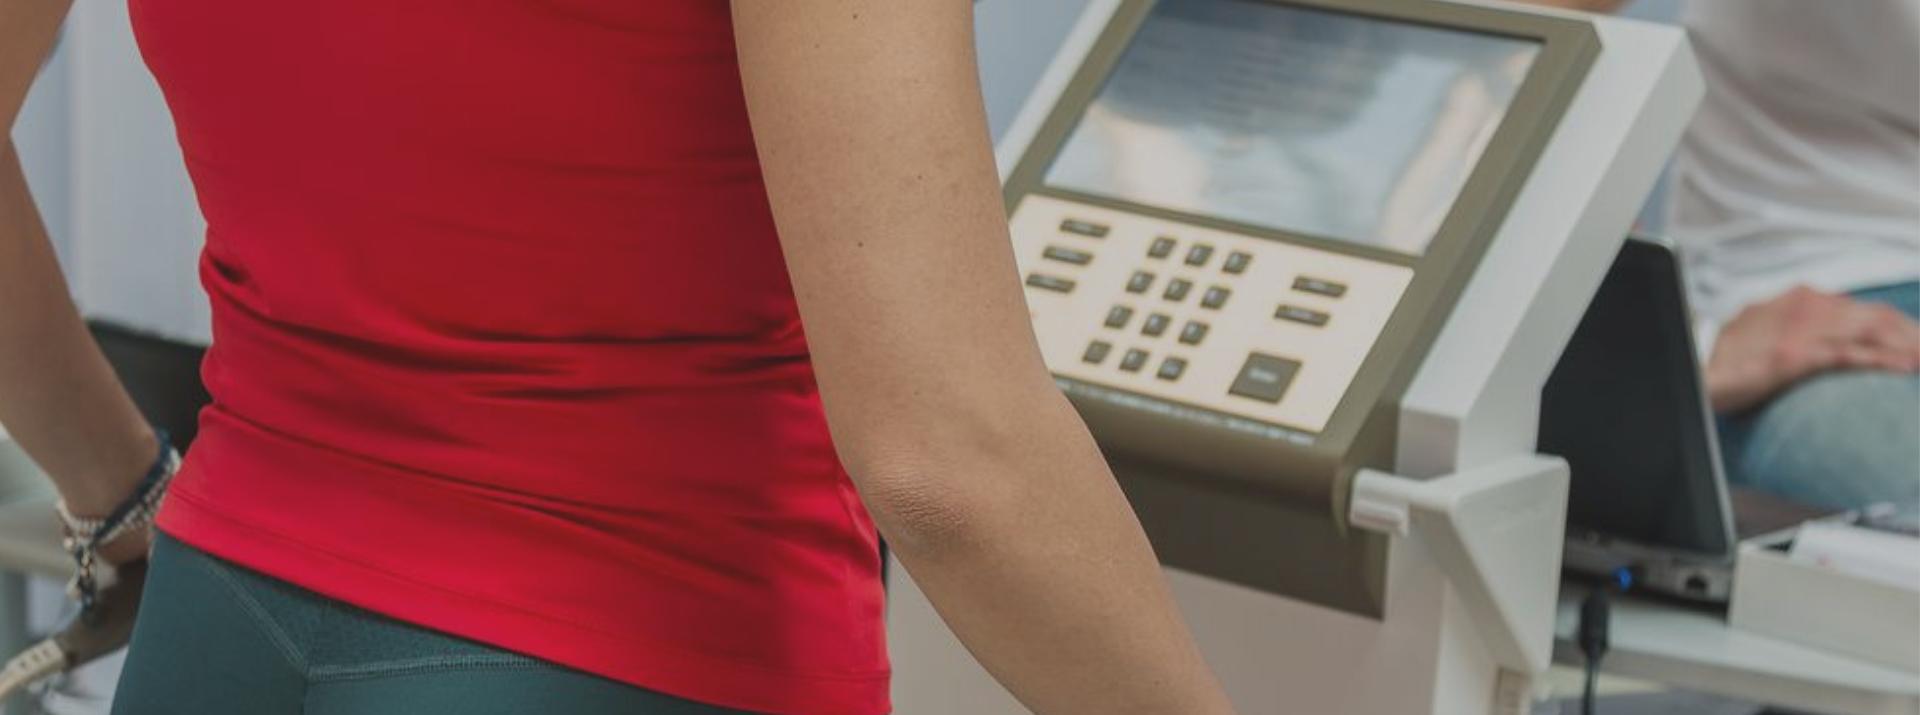 Dni bezpłatnej analizy składu ciała dla osób z Cukrzycą typu 2 i problemami kardiologicznymi